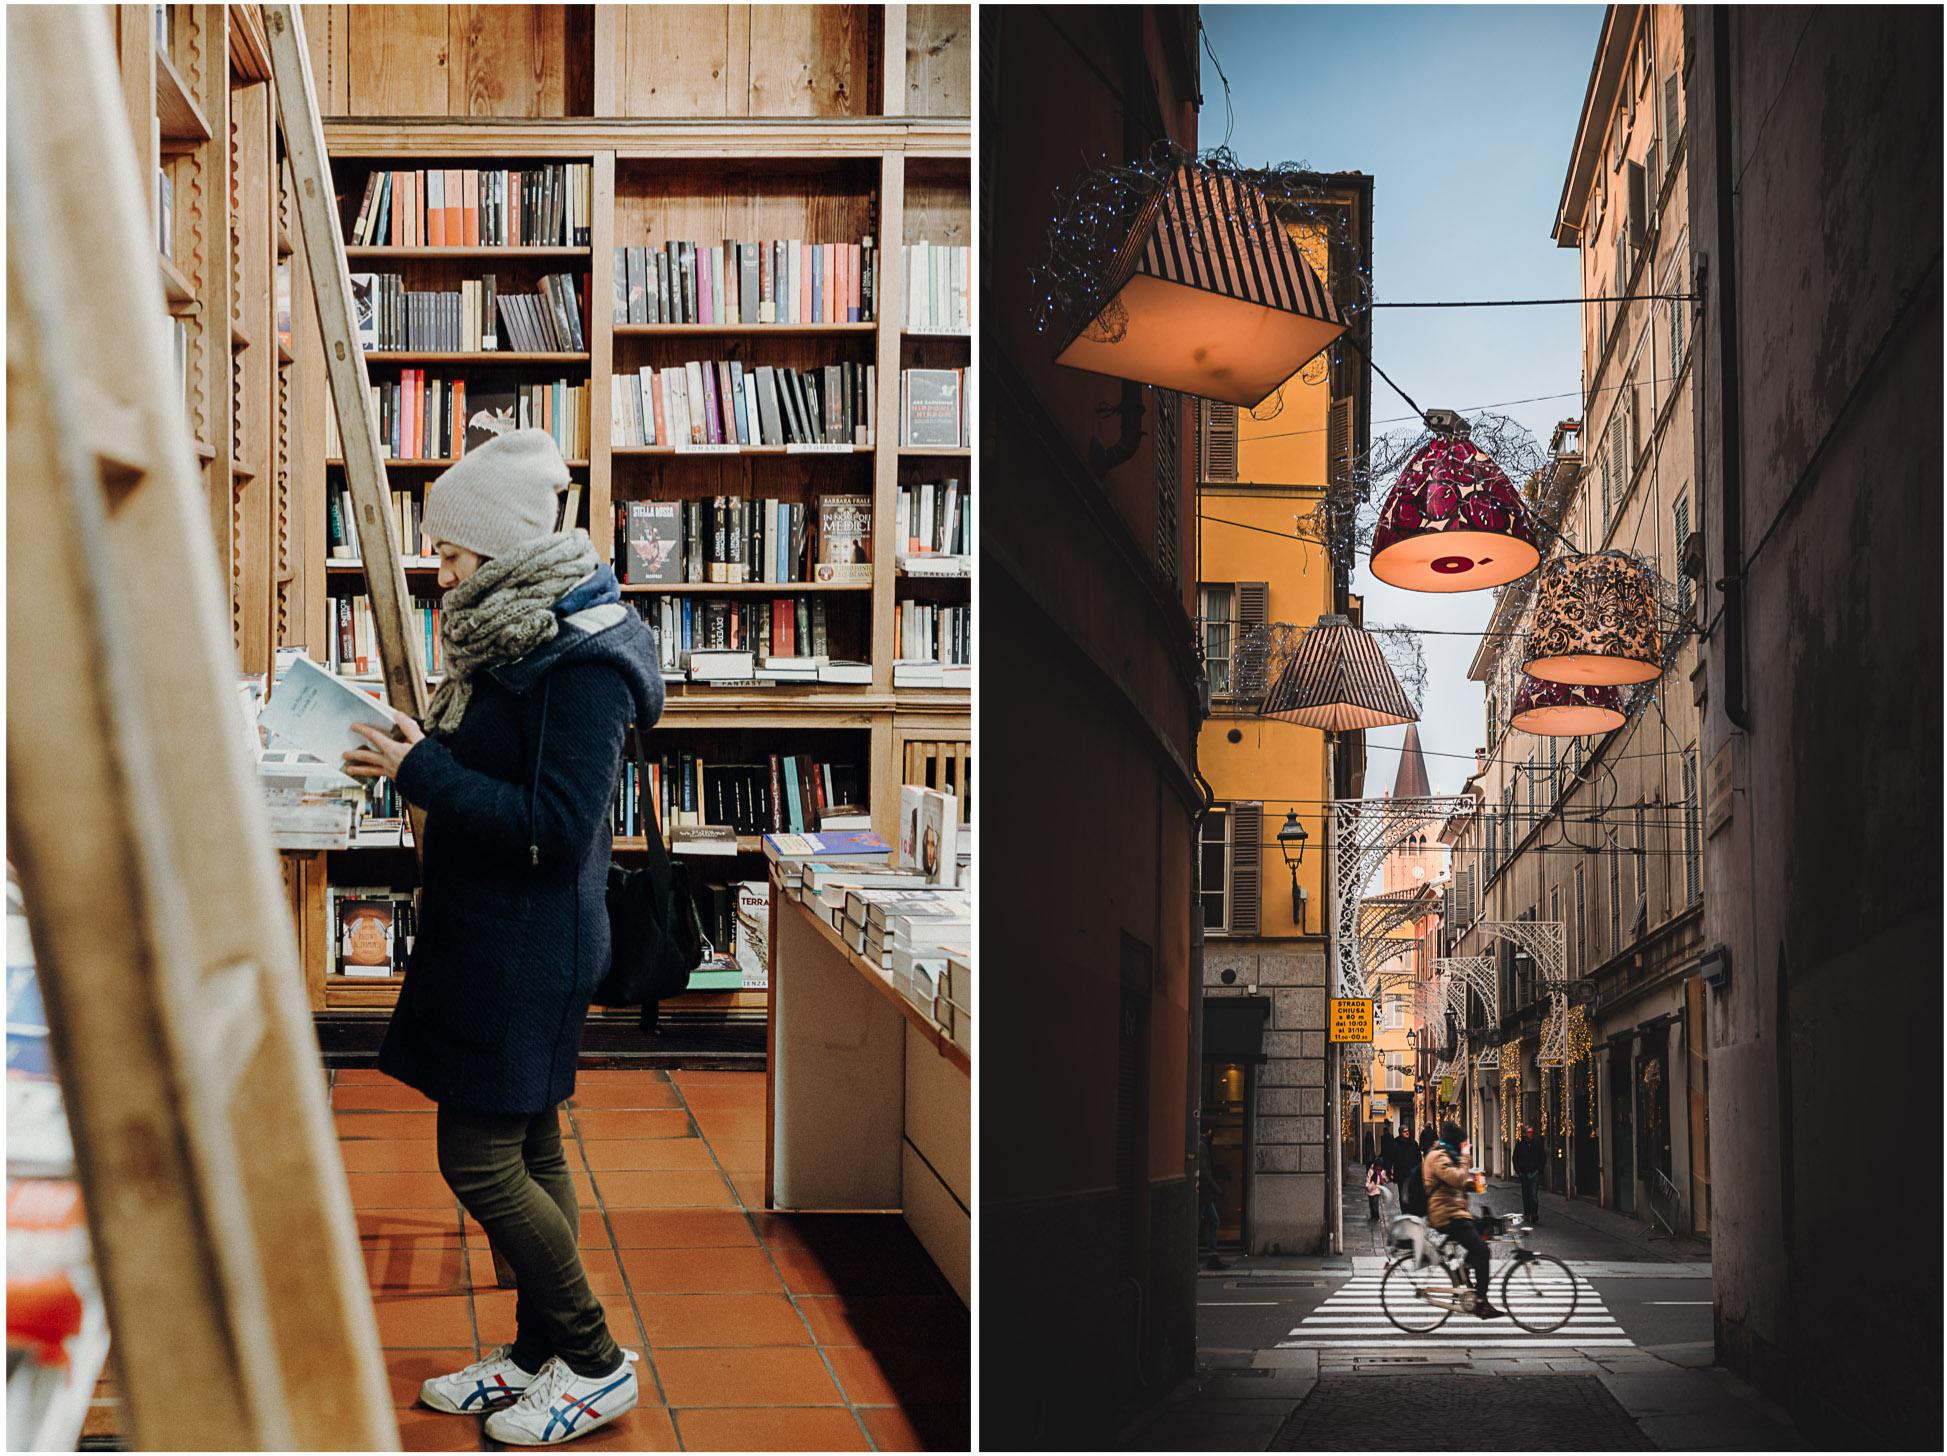 parma-altstadt-italien-lampen-straße-buchladen